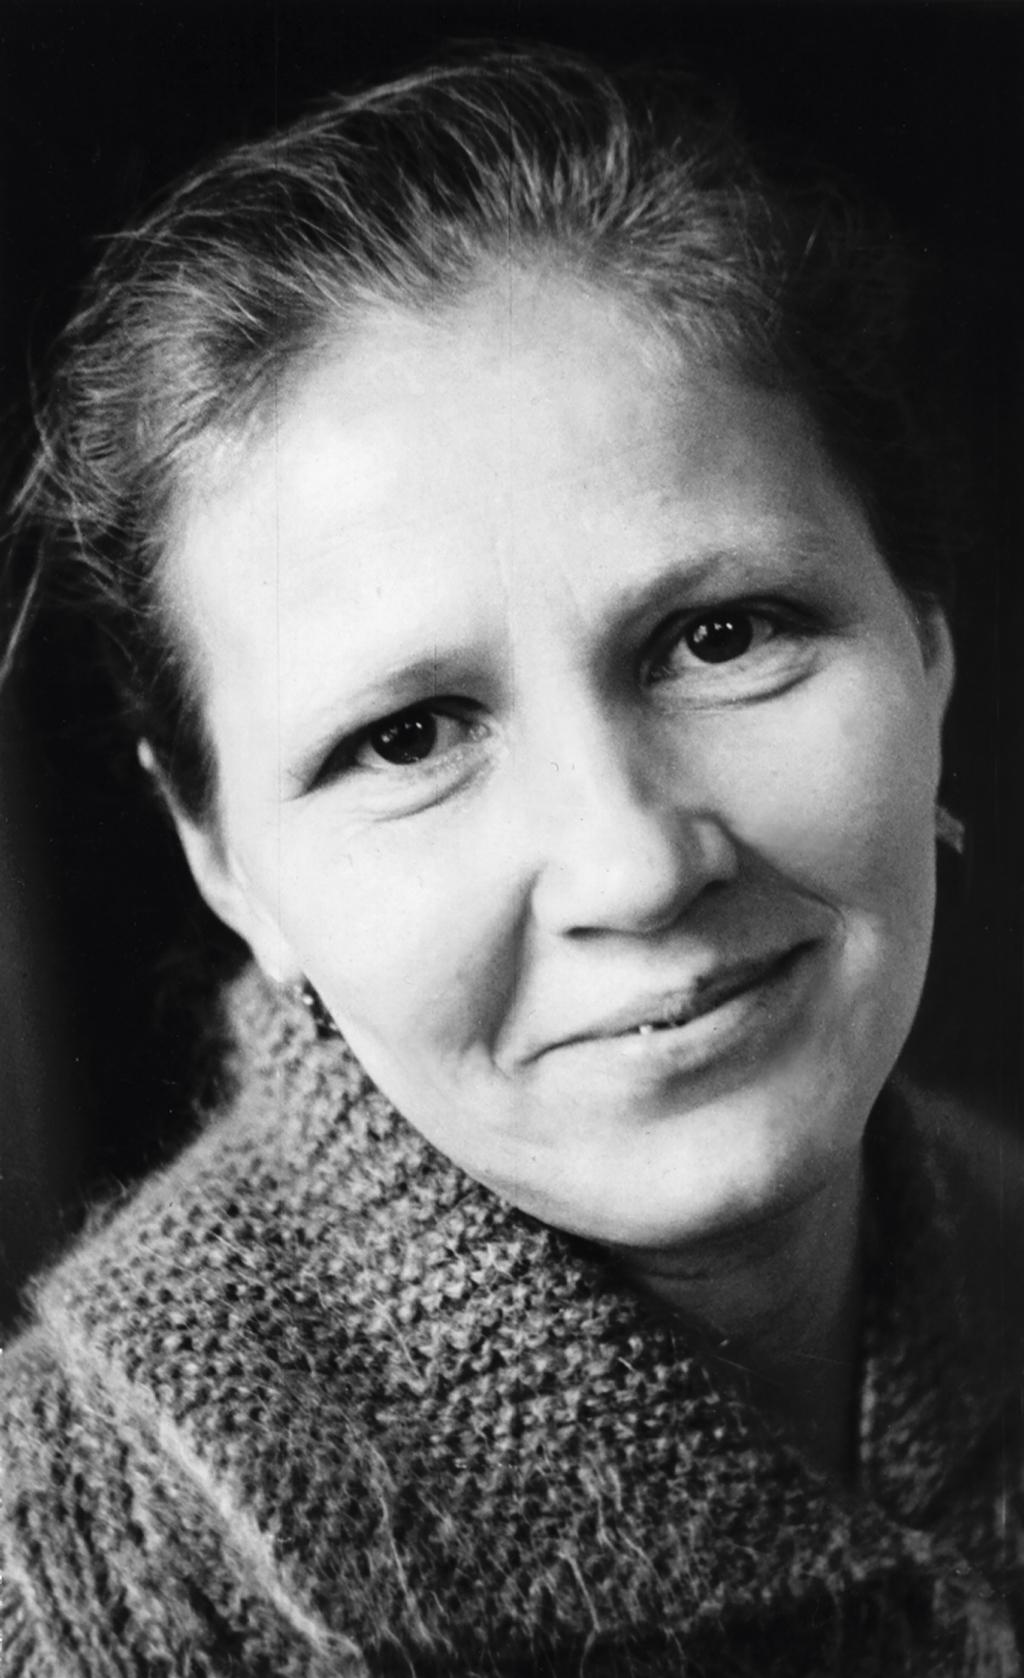 Надежда Григорьевна Абрамова, героиня рассказа «Босиком». 1990 год. Фото Людмилы Егоровой